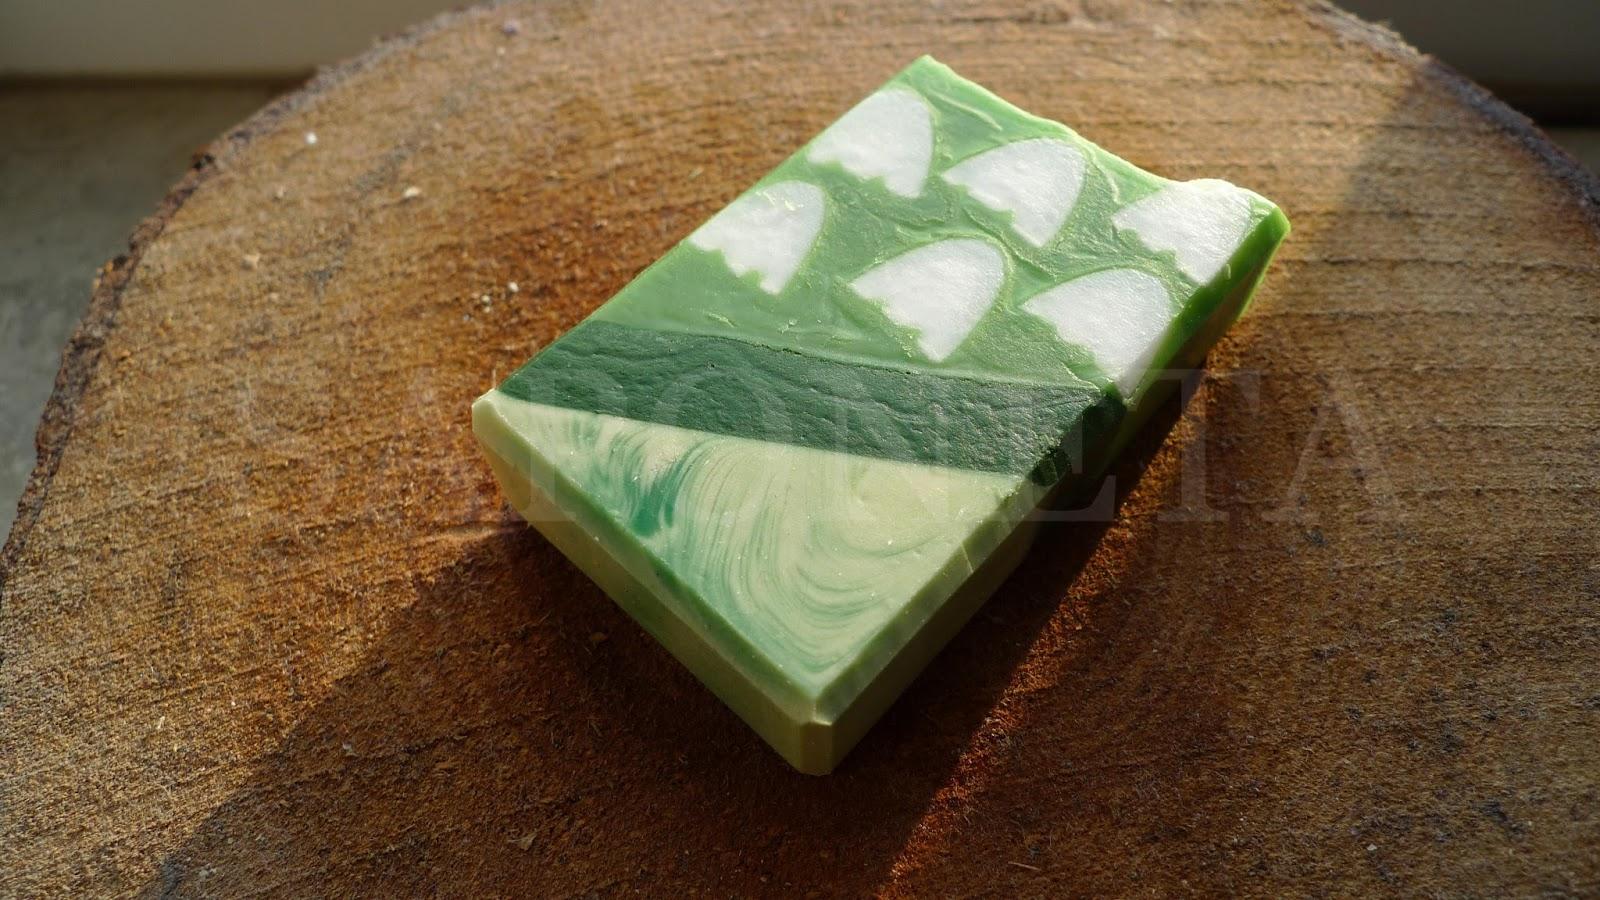 Bienenwaben-Seifen-Form-Gut-Bienenwachs-Eis-Gelee-Schokoladen-Kuchen-Wanne Guter